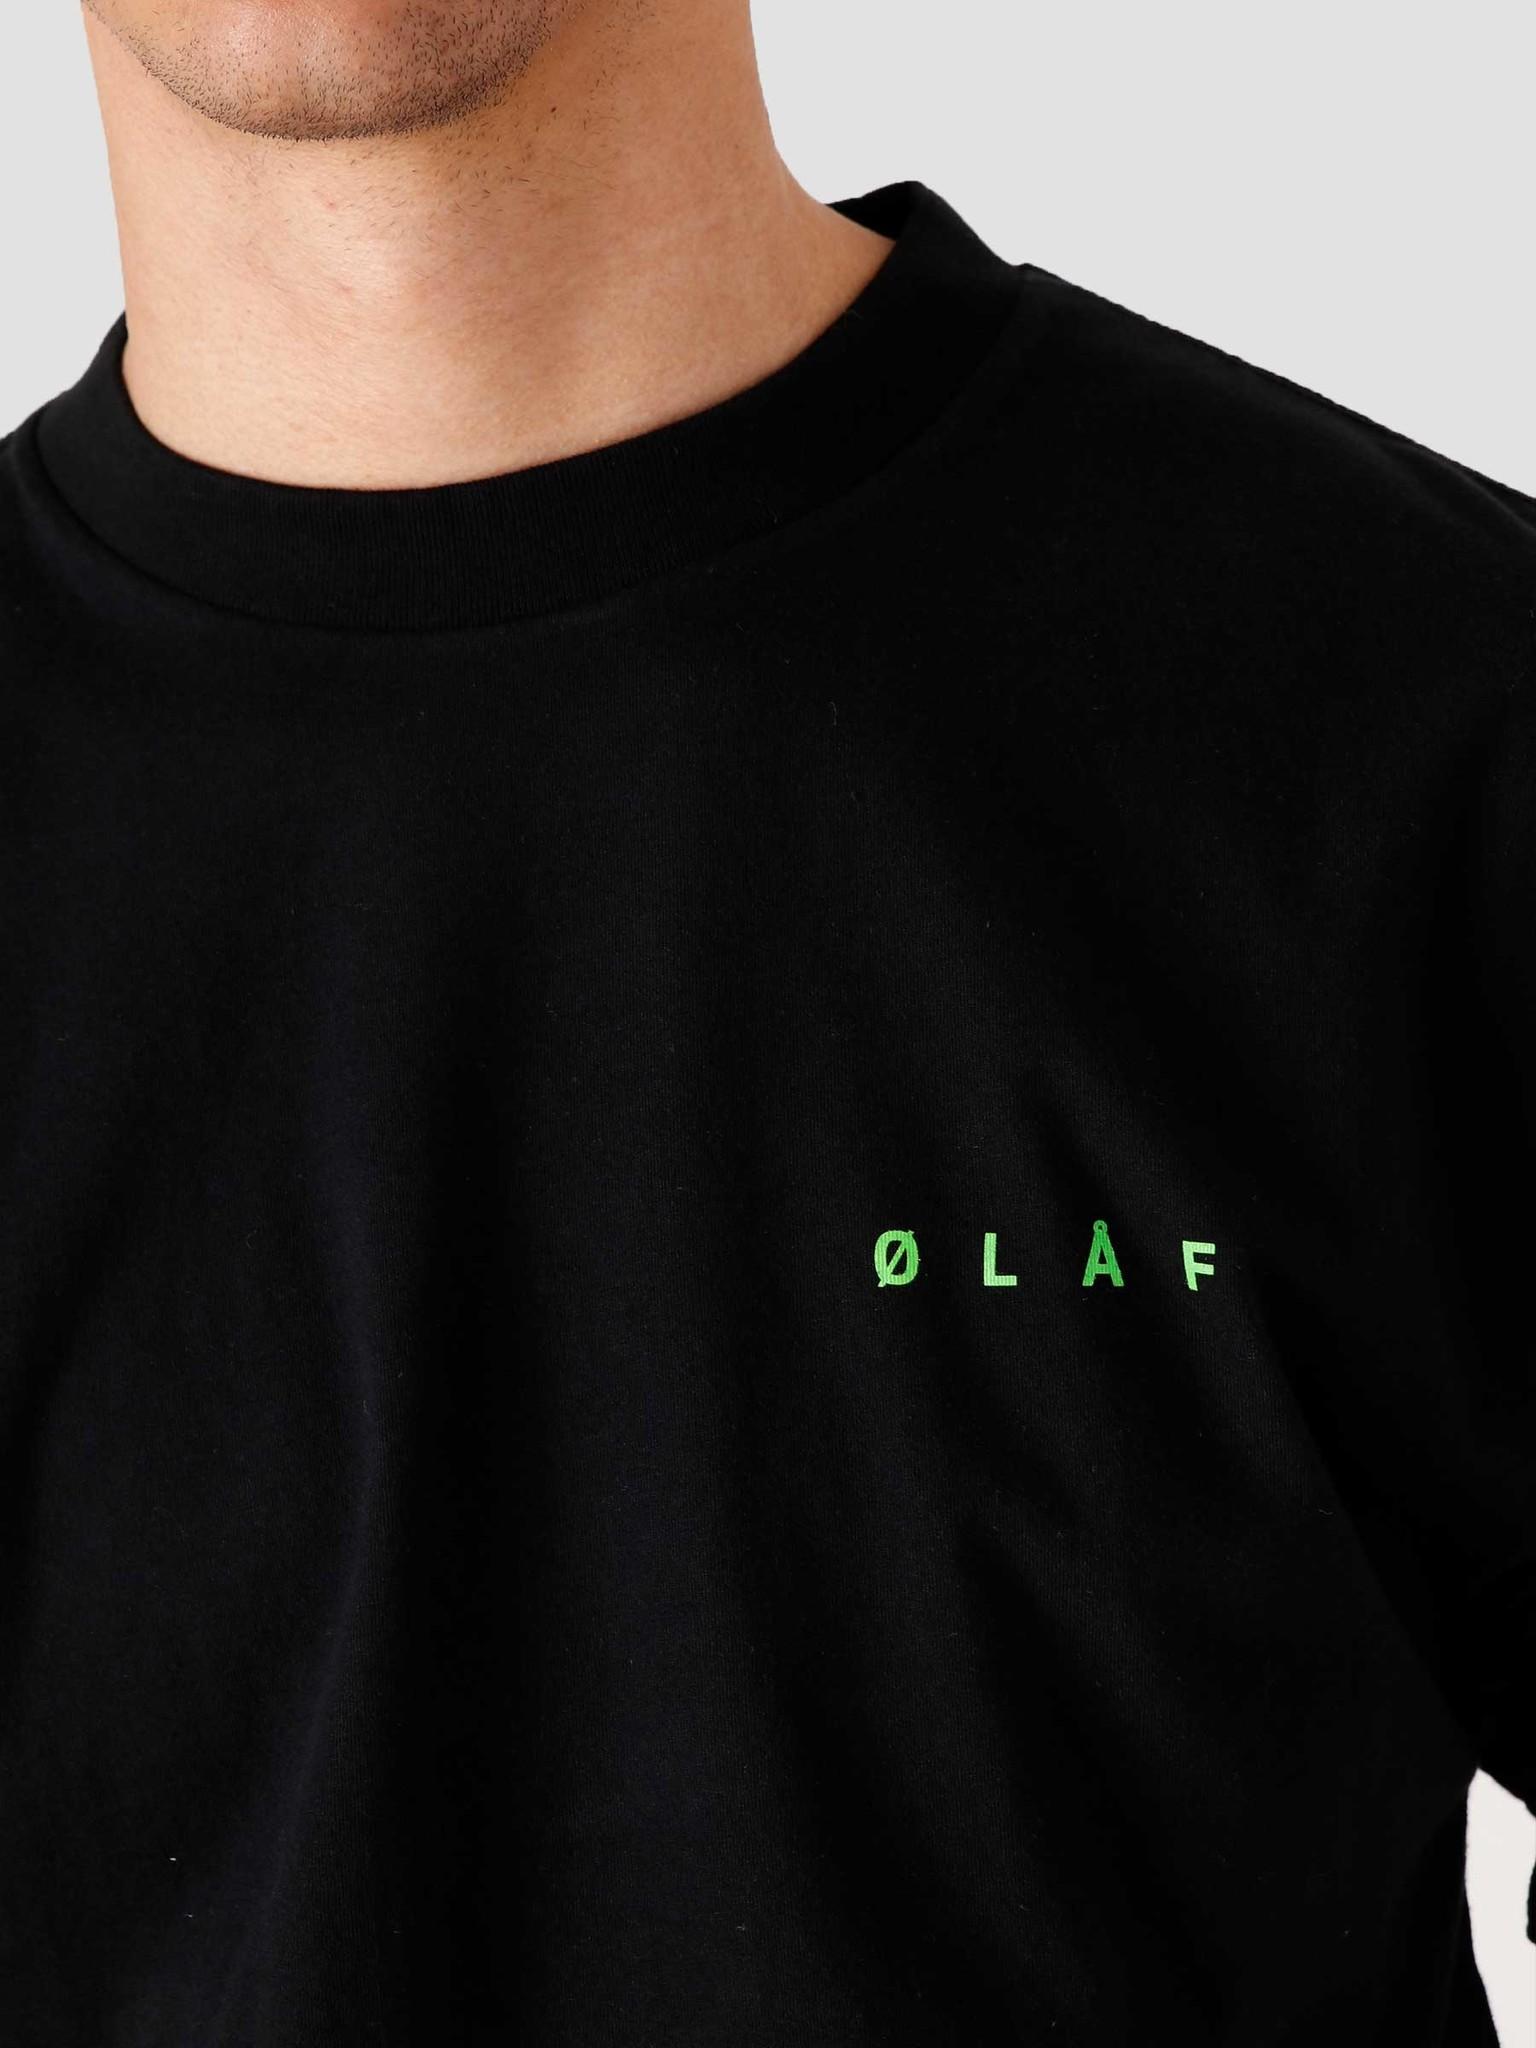 Olaf Hussein Olaf Hussein OLAF Face T-Shirt Black